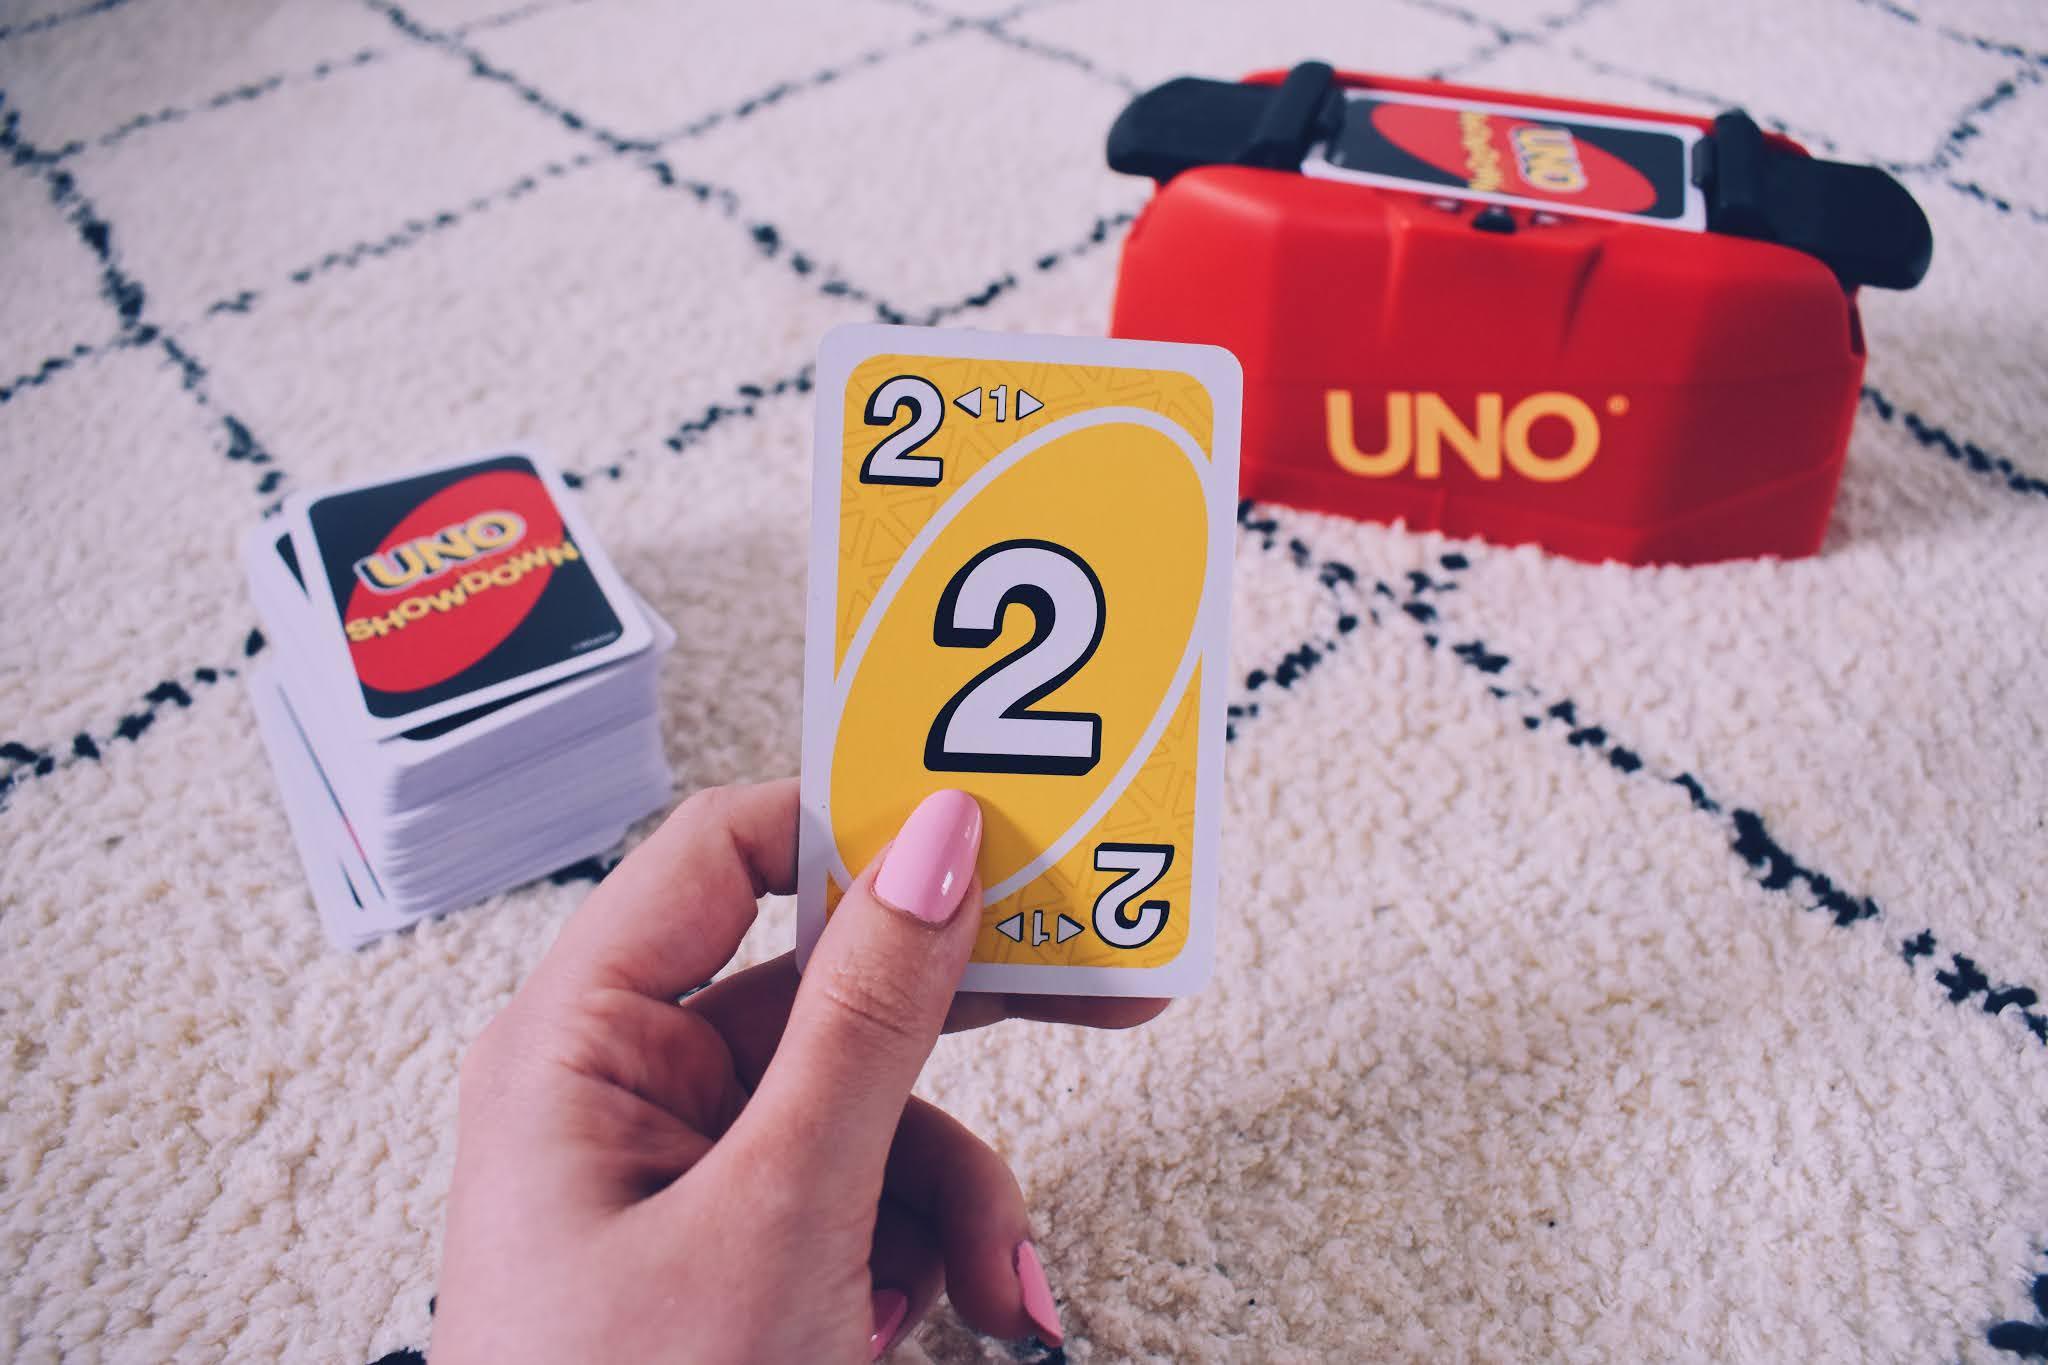 UNO Showdown-unit en aflegstapel uitgestald op een witte mat op de achtergrond en een hand die een gele showdown kaart vasthoudt op de voorgrond.